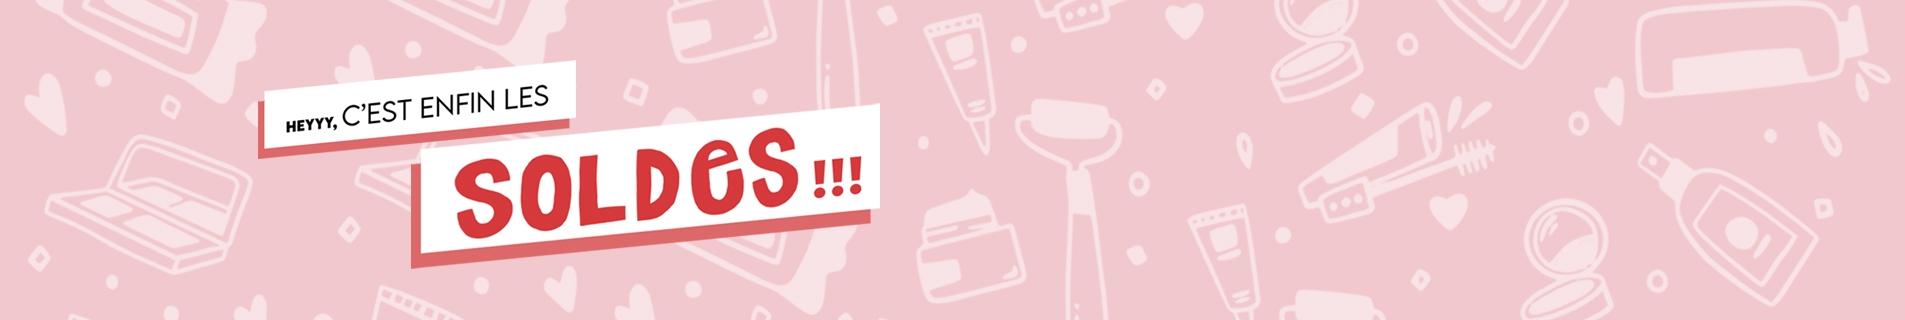 Soldes soin visage | Cosmetique pas cher | SAGA Cosmetics